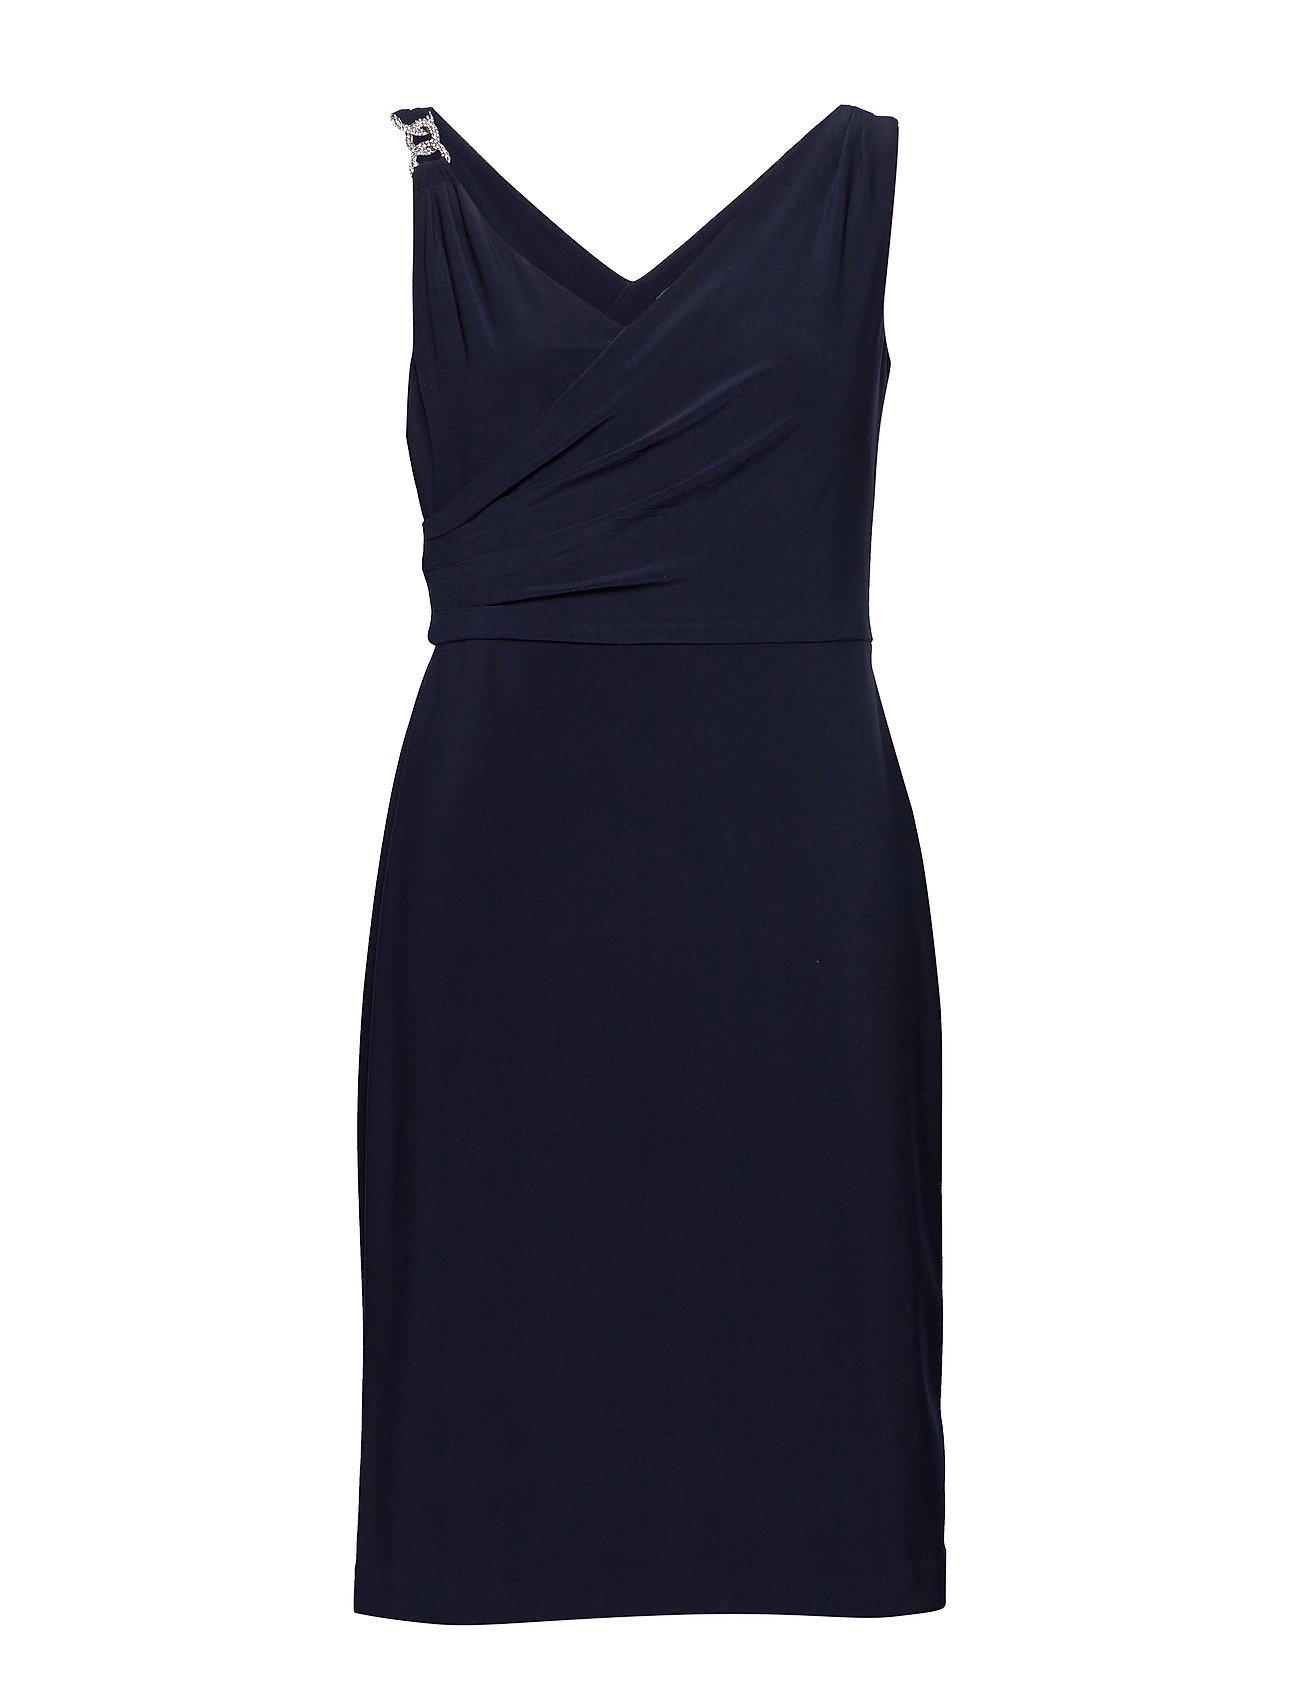 Lauren Ralph Lauren Jersey Cocktail Dress - LIGHTHOUSE NAVY